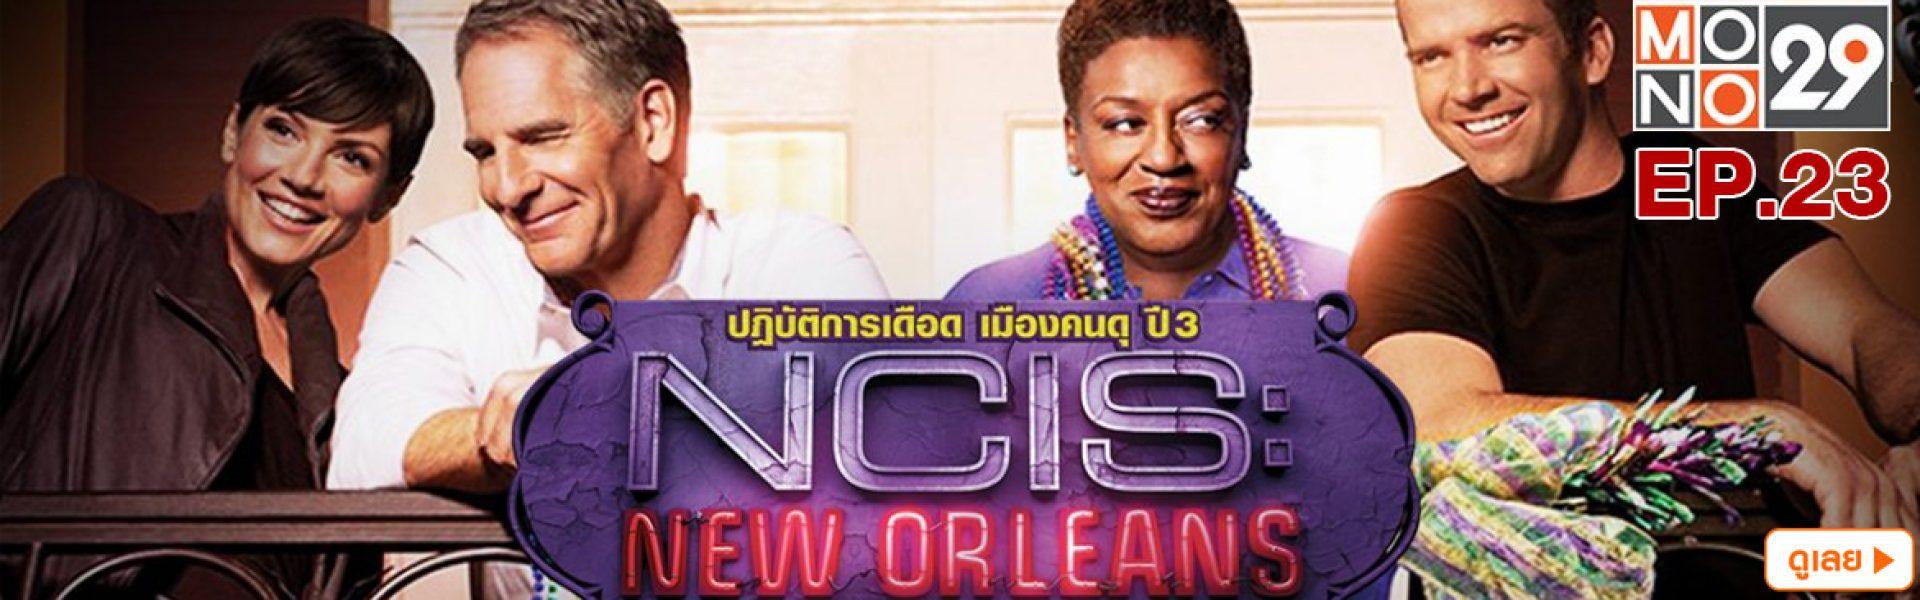 NCIS New Orleans ปฏิบัติการเดือด เมืองคนดุ ปี 3 EP.23